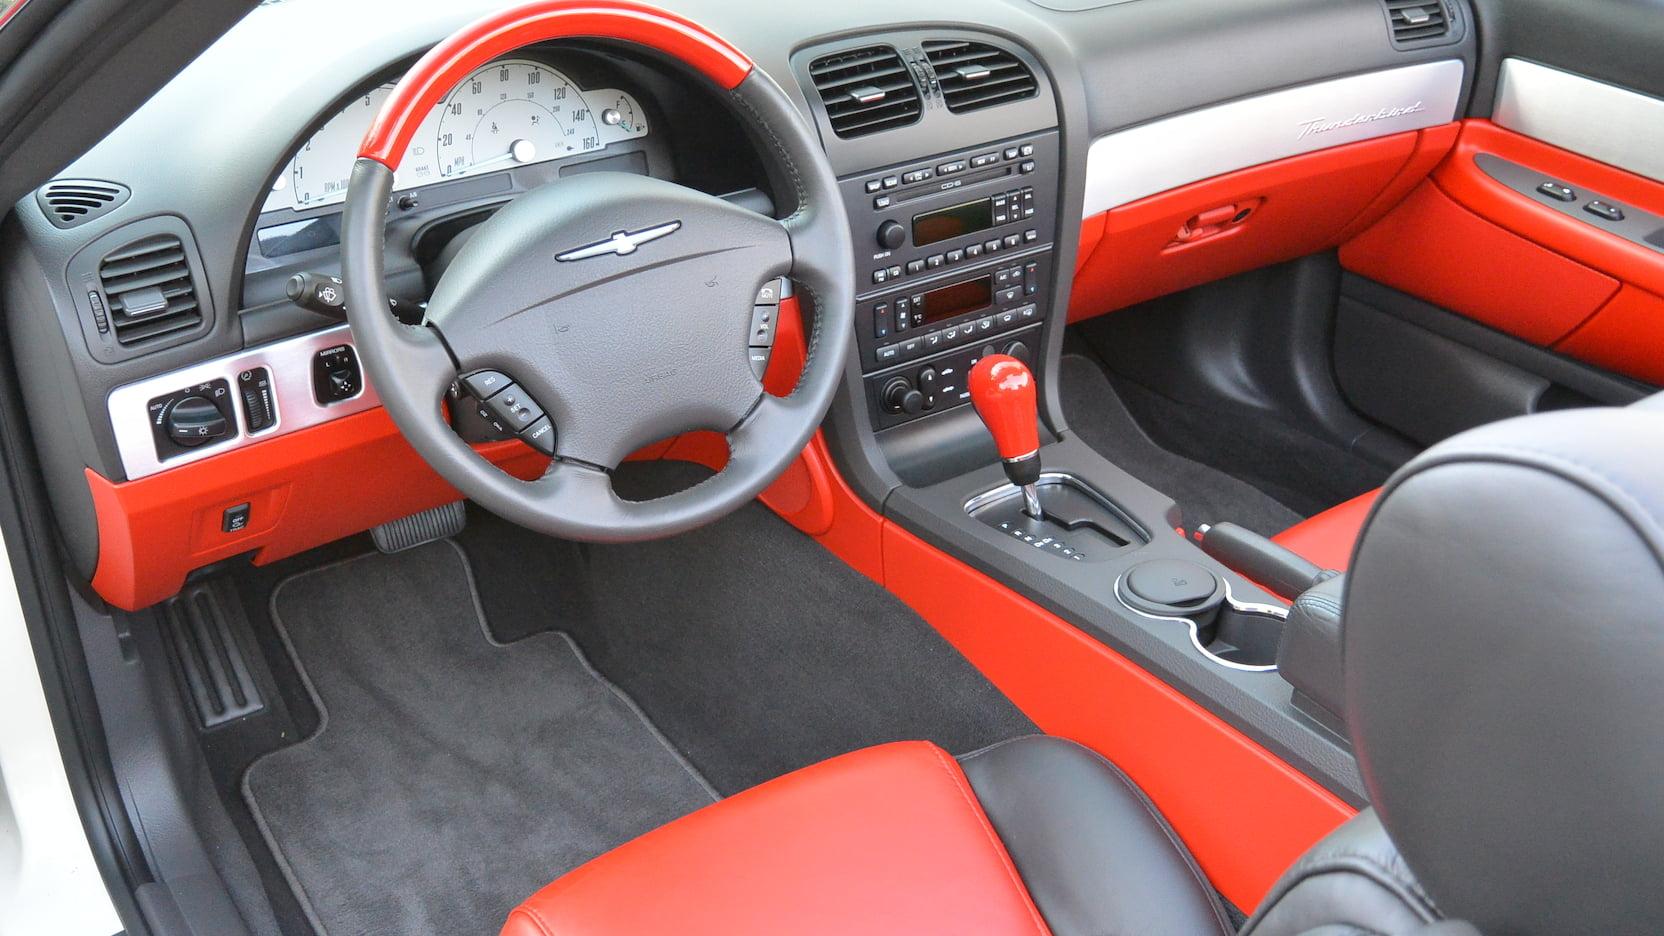 2002 Ford Thunderbird interior